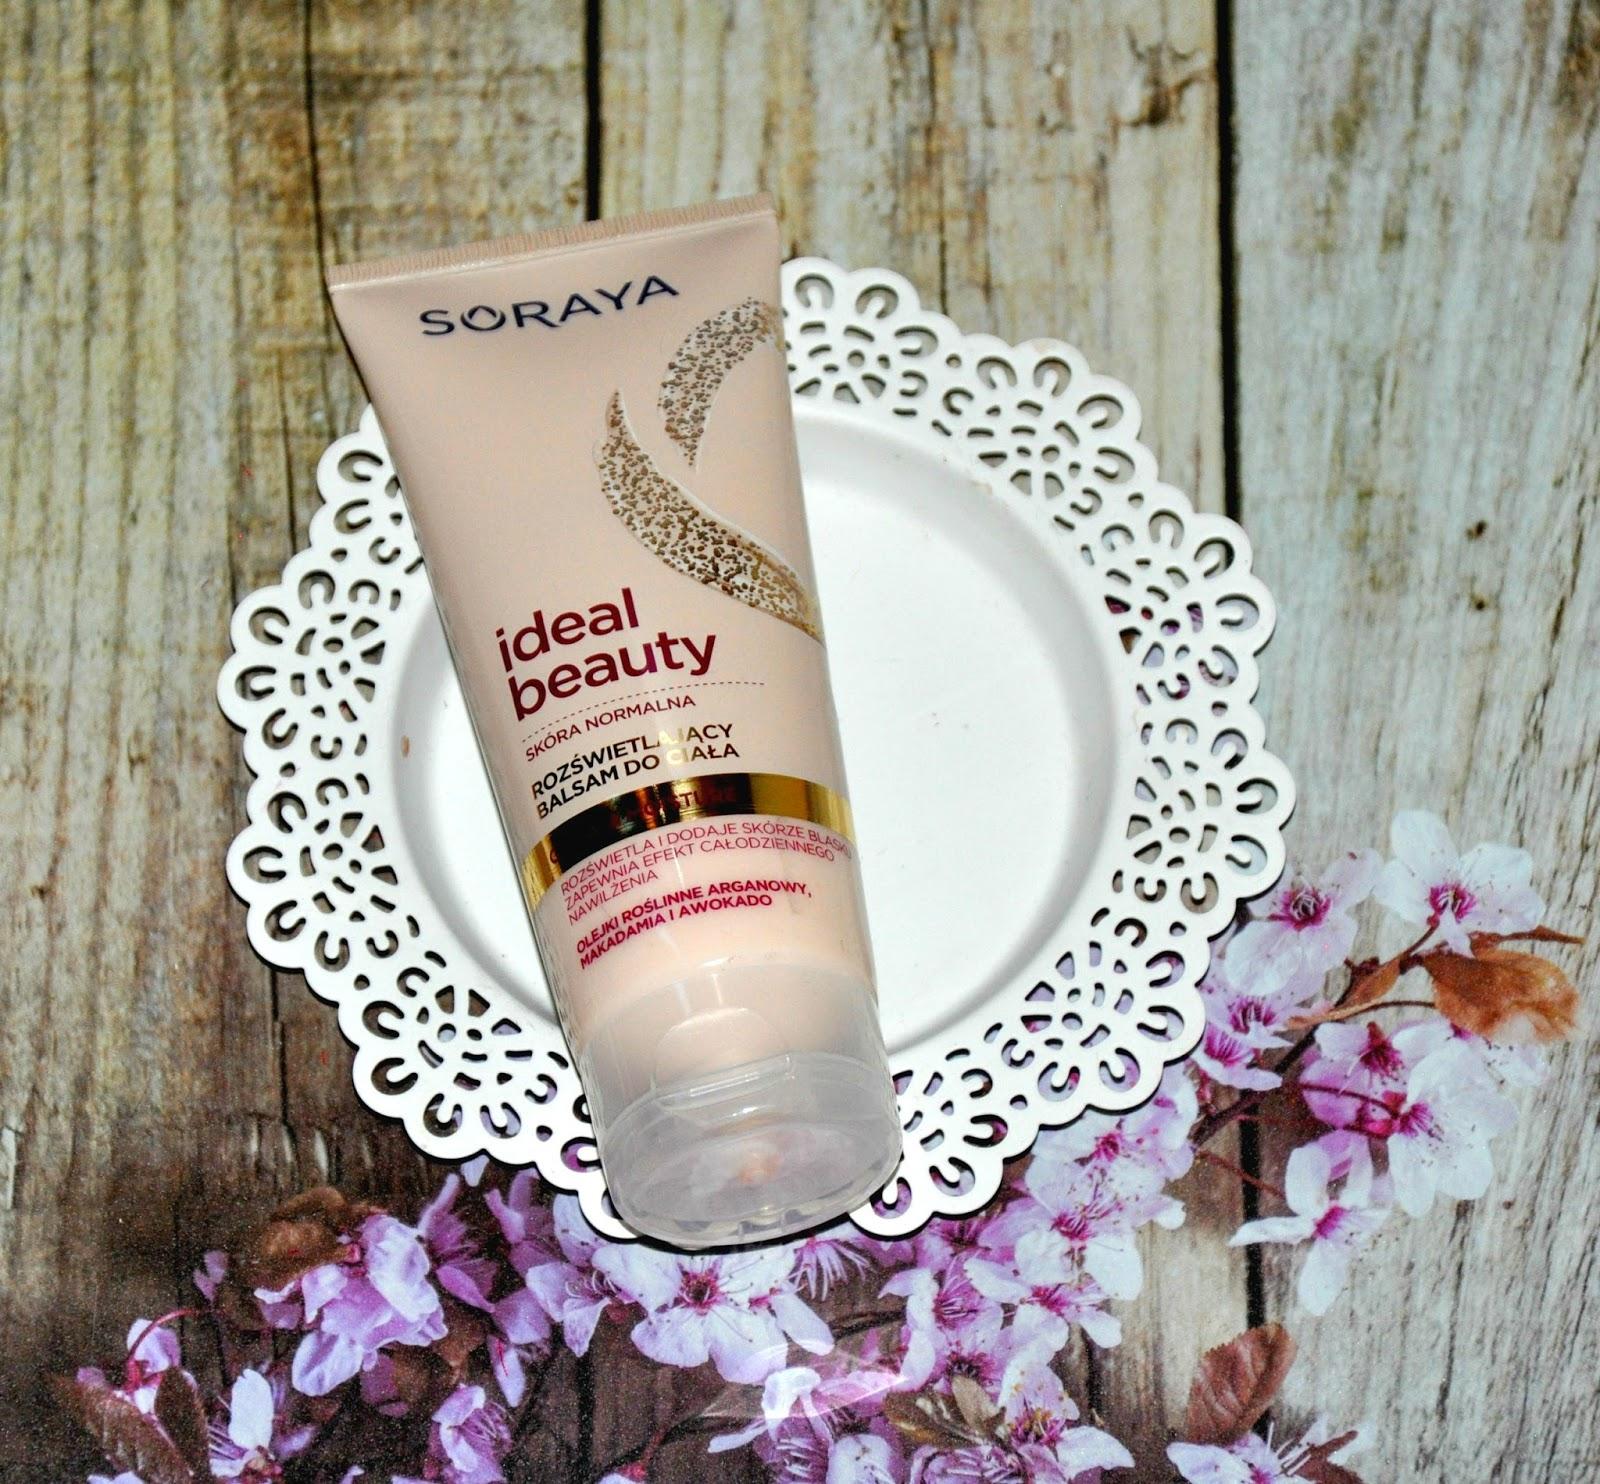 2. Soraya, Ideal Beauty, balsam do ciała, rozświetlajacy Rozświetla i dodaje skórze blasku zapewnia efekt całodziennego nawilżenia. Balsam Soraya IDEAL BEAUTY już od pierwszego użycia zapewni Twojej skórze piękny wygląd i świetliste wykończenie